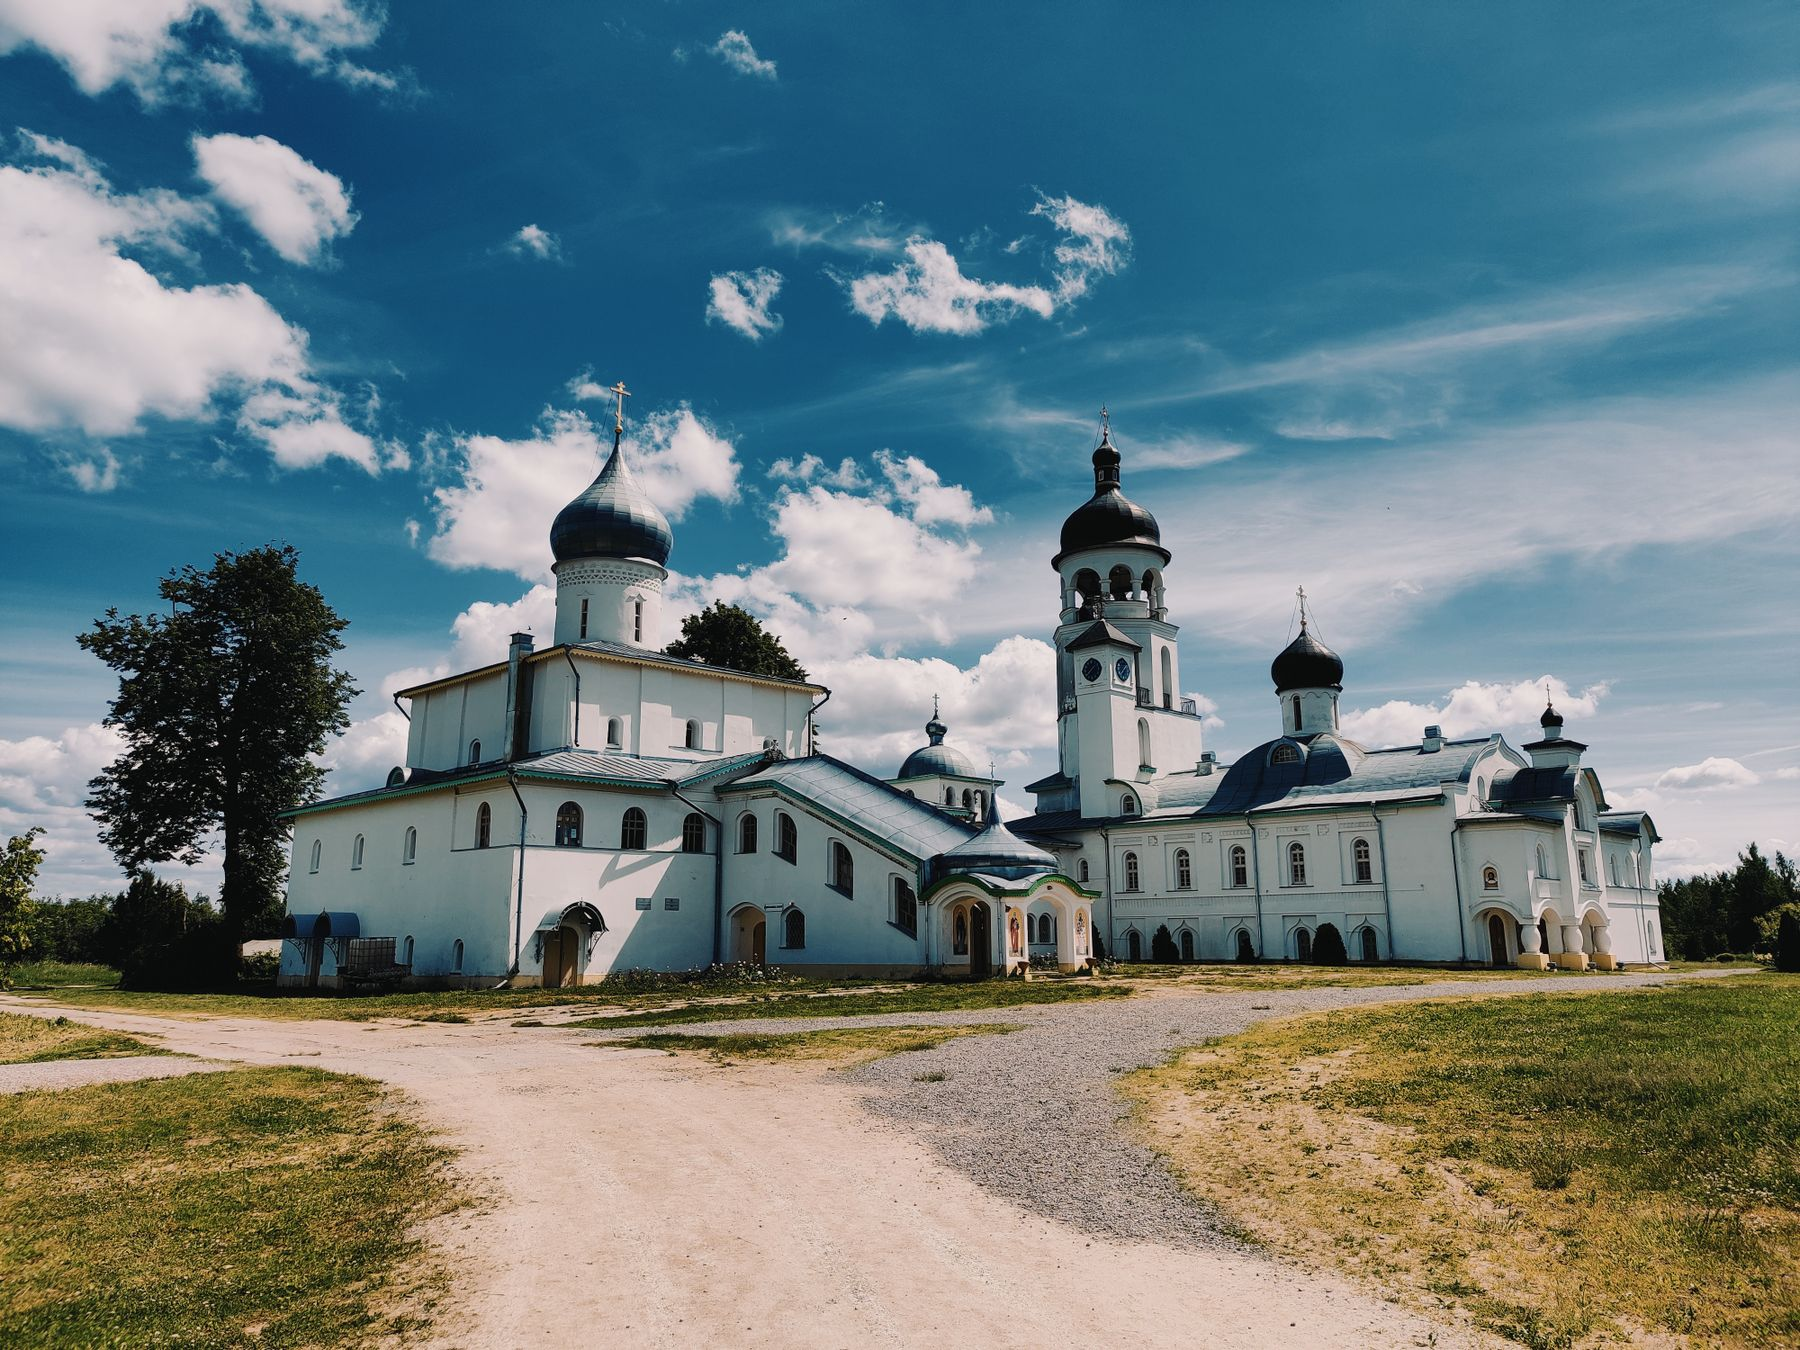 Крыпецкий монастырь Крыпецкий монастырь лето небо дорога умиротворение